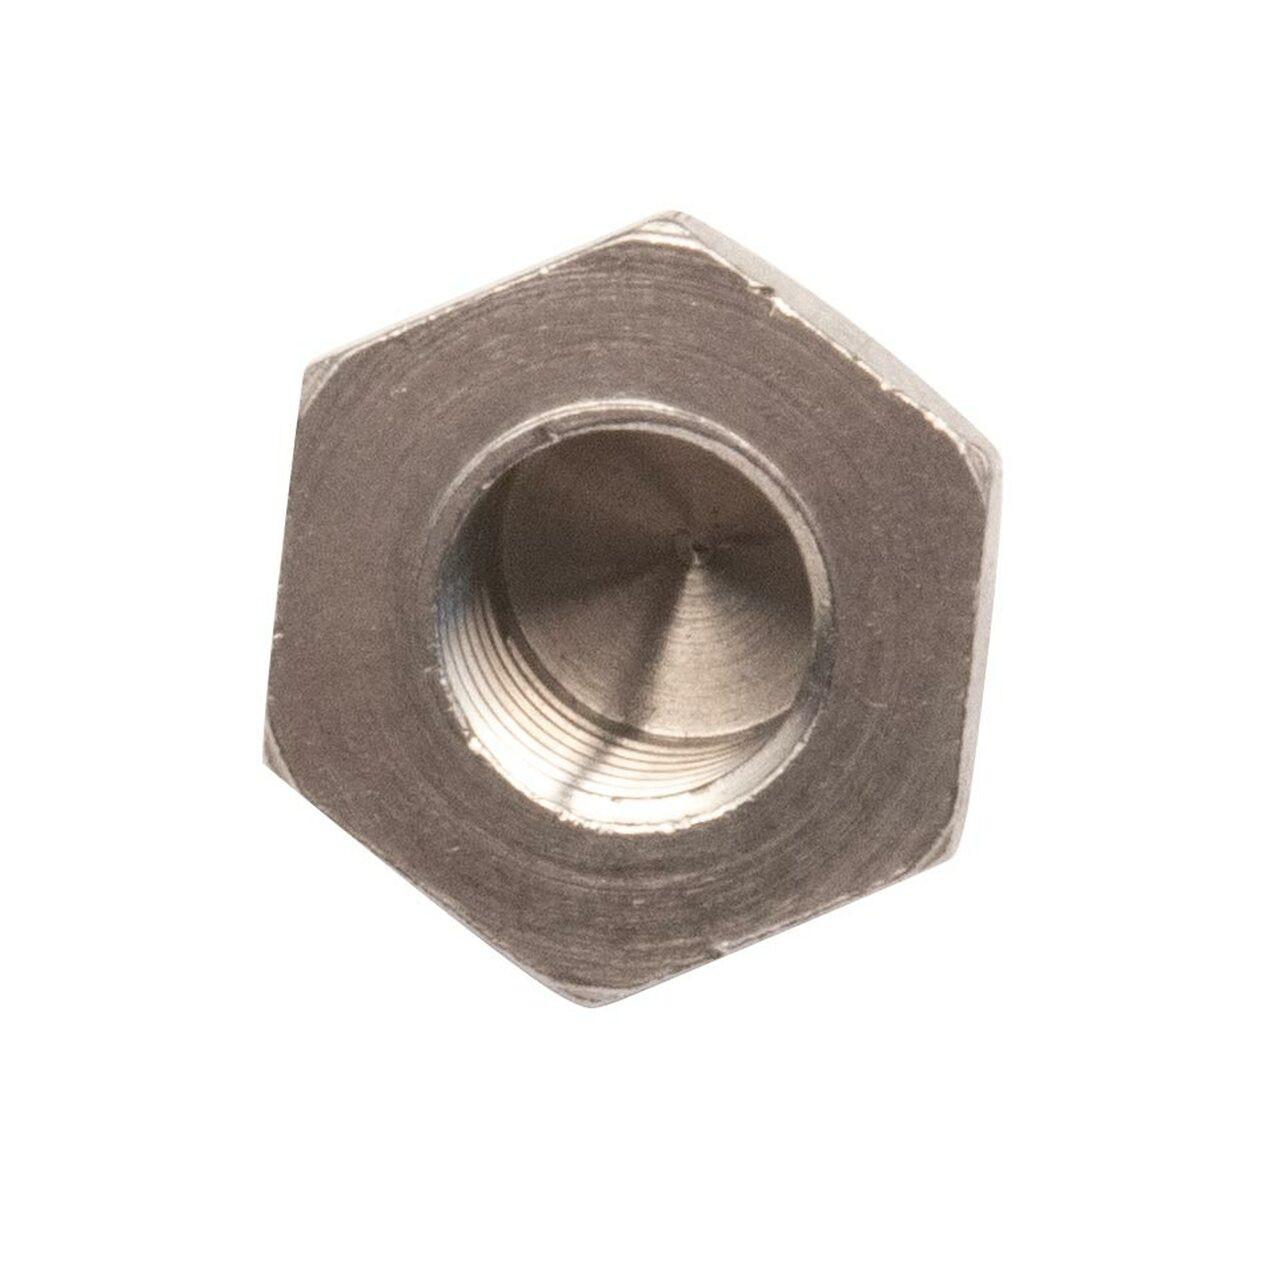 444 -- (#41) -- Cap Nut - 1007163